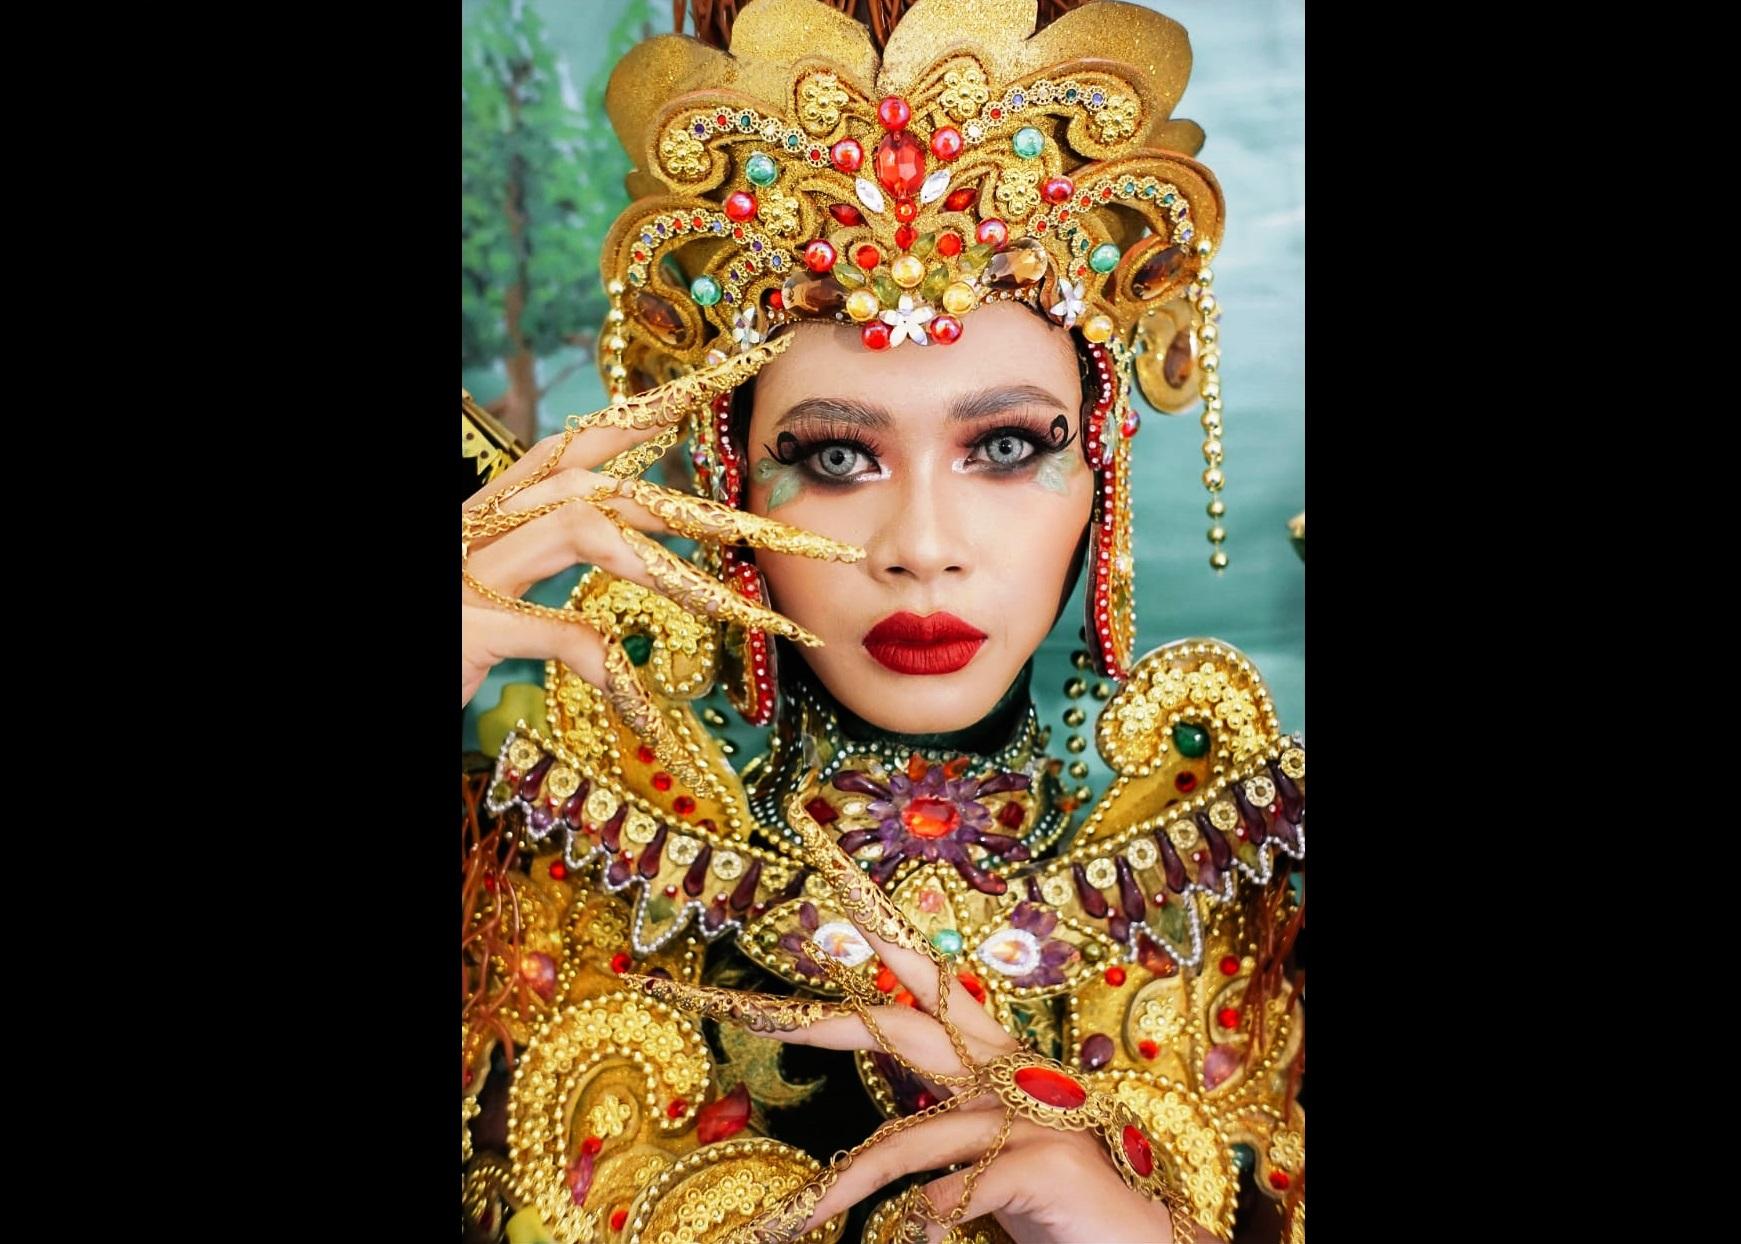 Sausan Alya Taisir Pemenang Best National Costume di Ajang Miss Earth Indonesia 2020